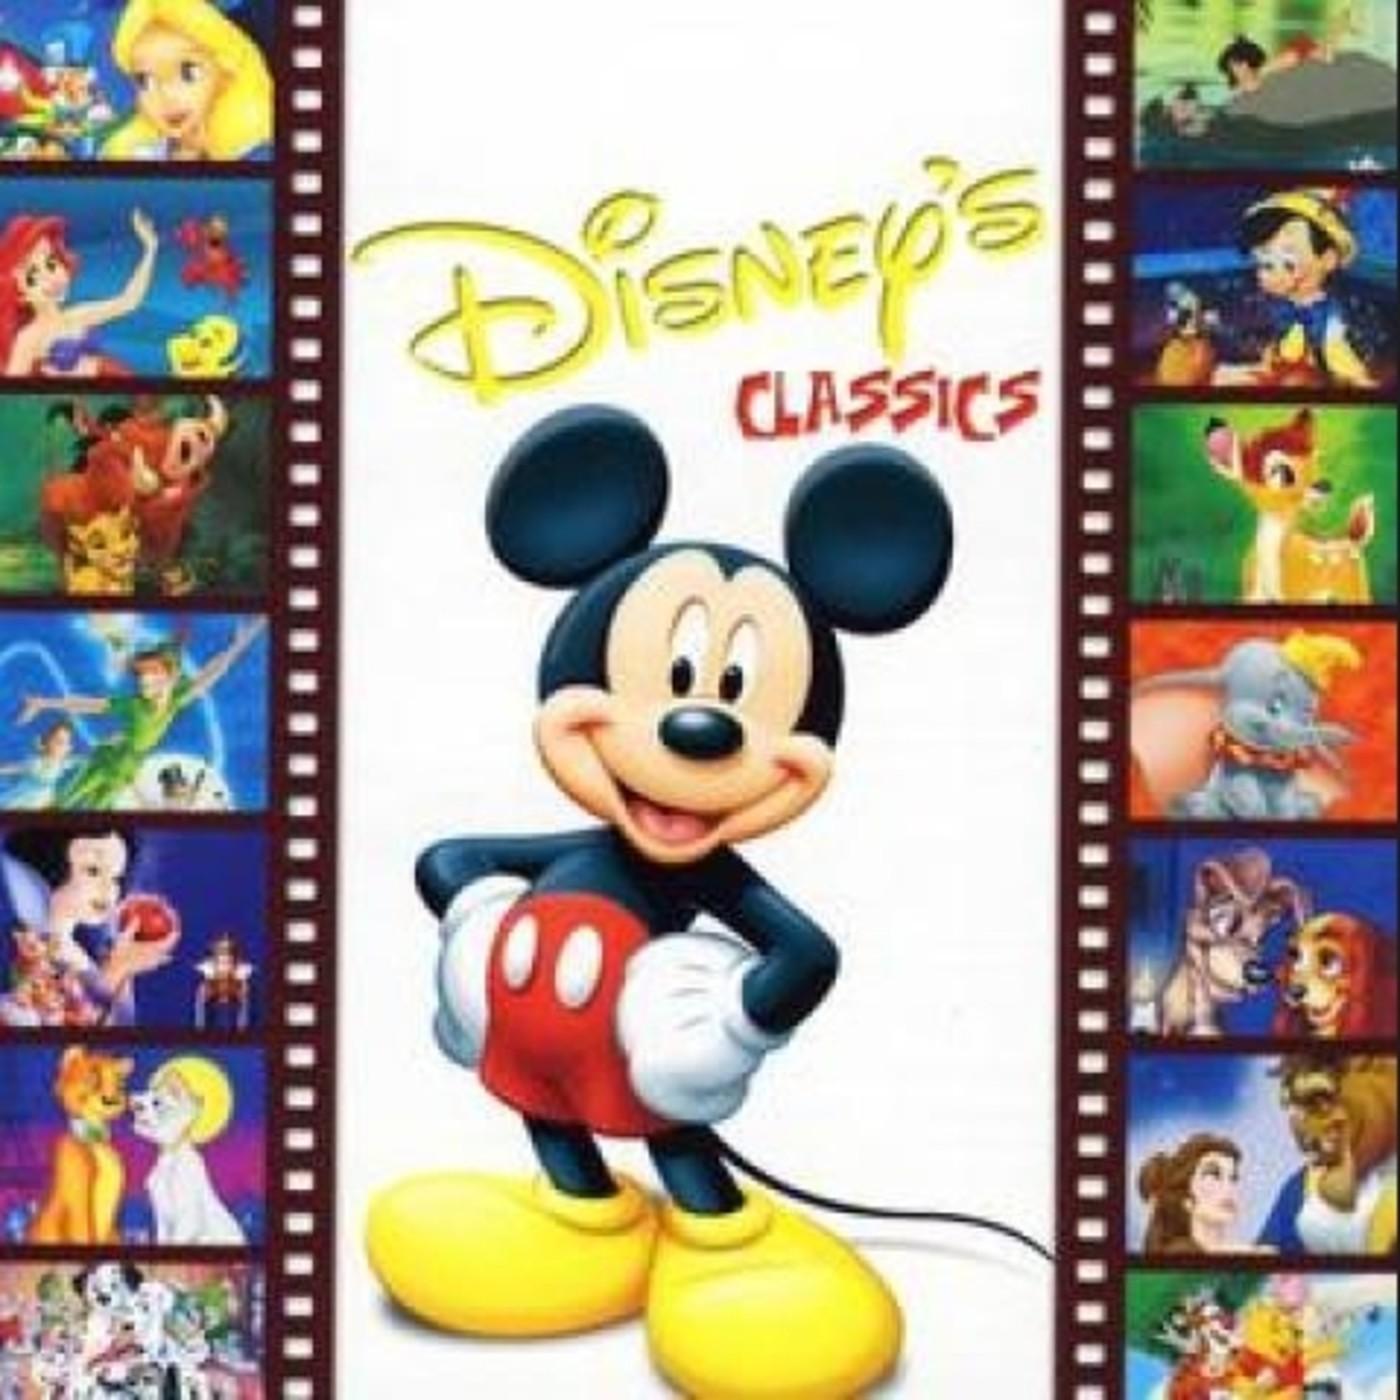 Cuentos Disney - Cenicienta